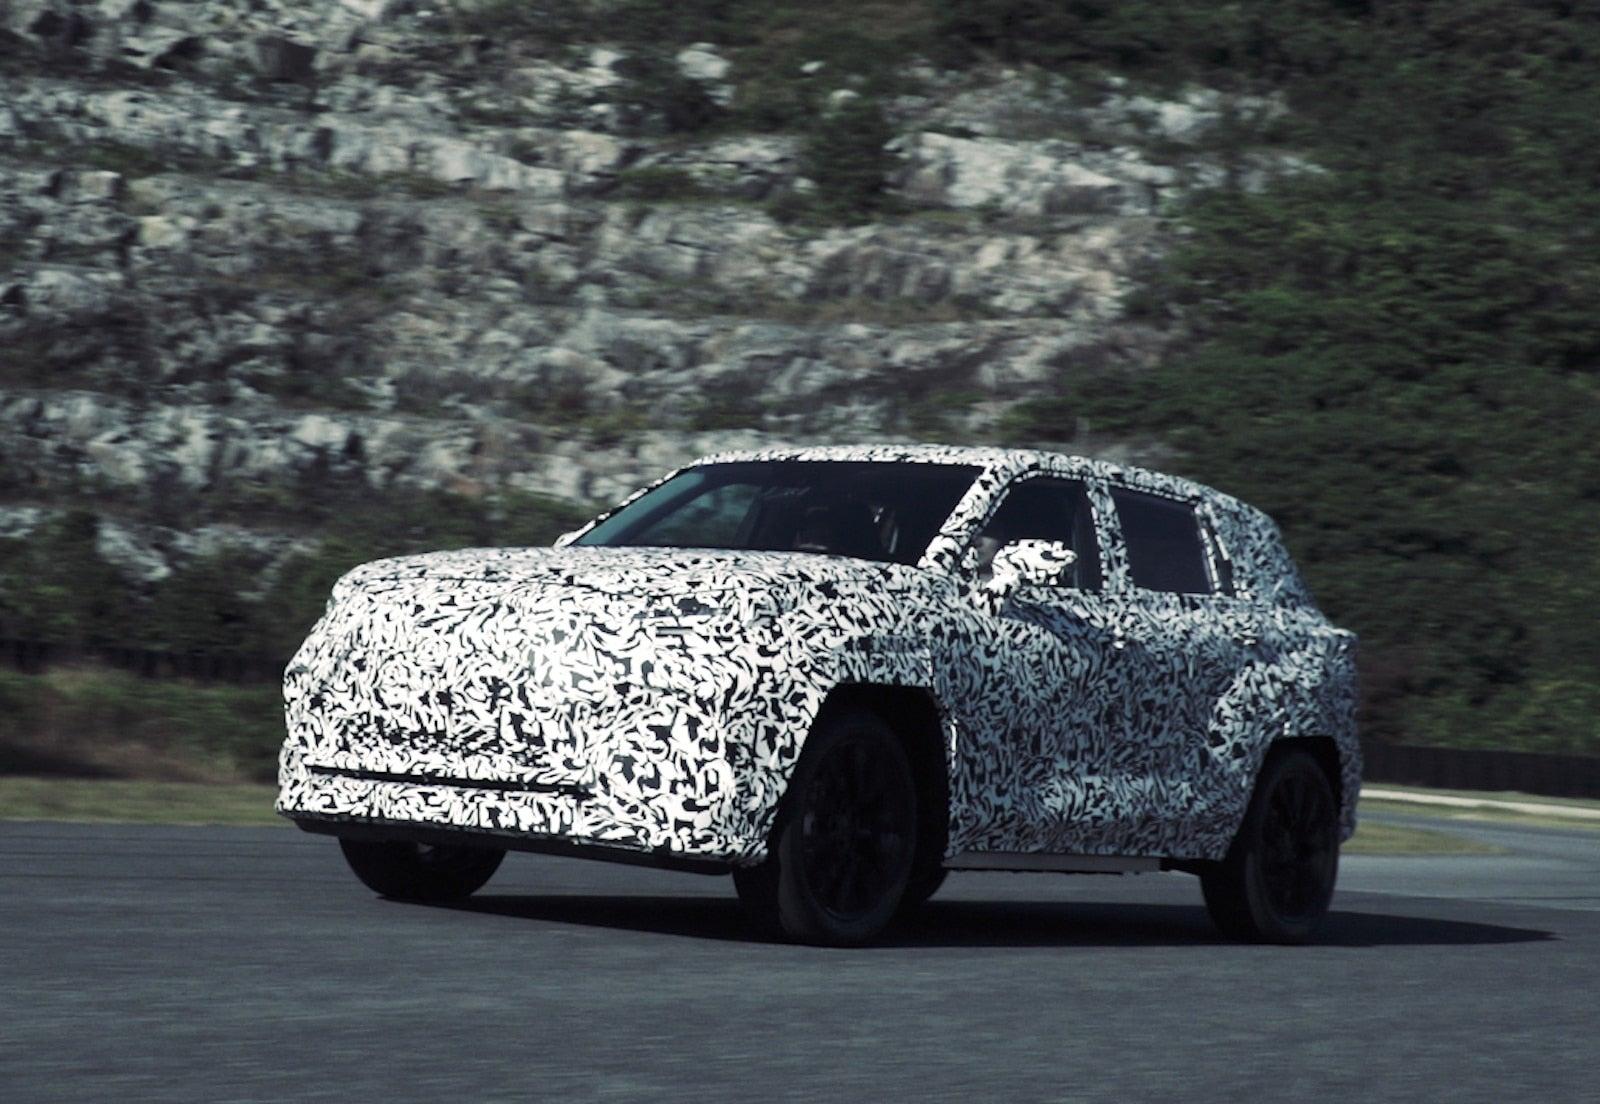 Lexus Previews All Electric Suv New Direct4 Ev Drivetrain The Detroit Bureau